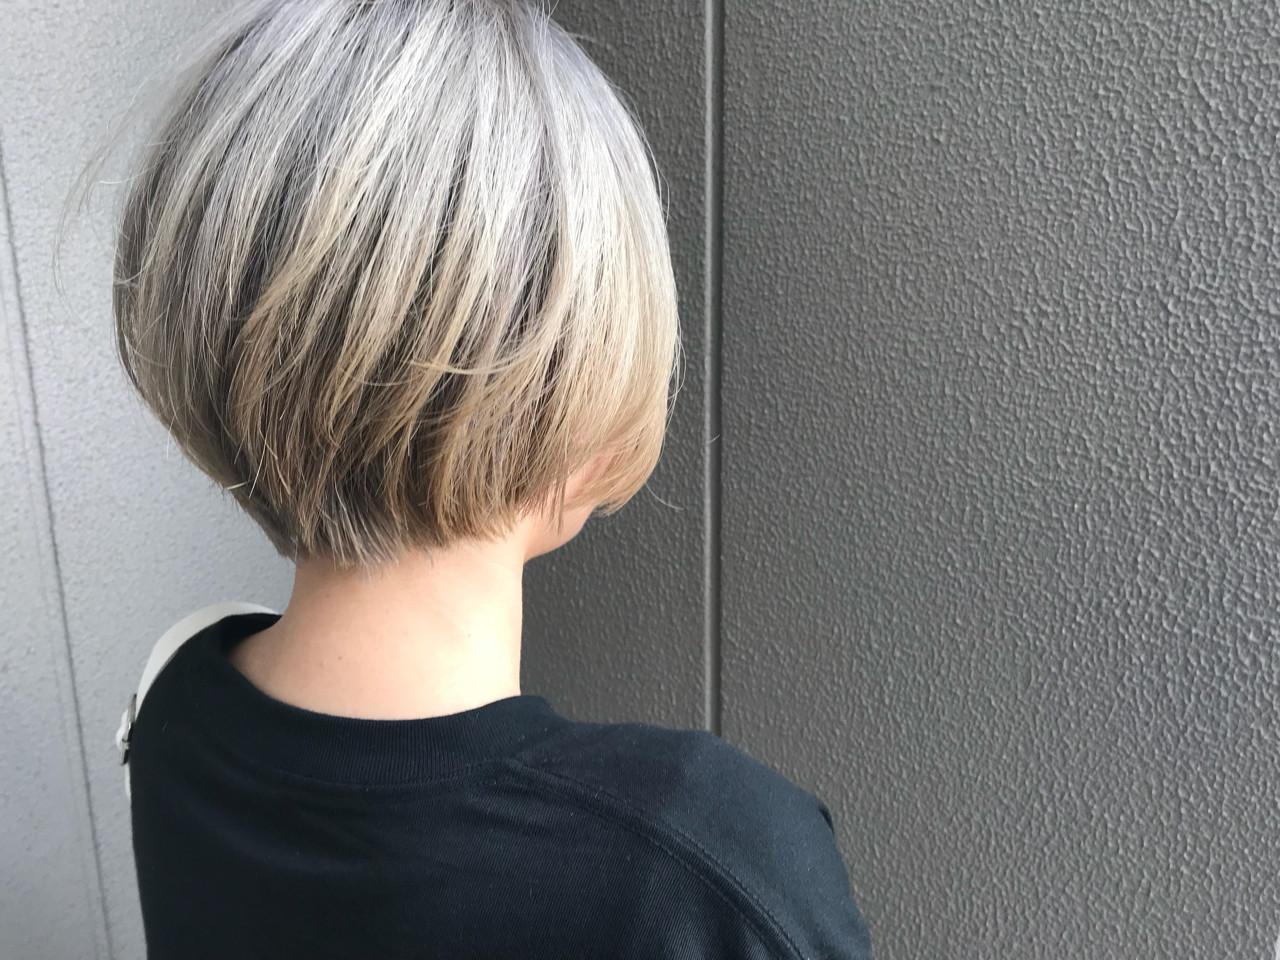 ブリーチ デート アウトドア スポーツ ヘアスタイルや髪型の写真・画像